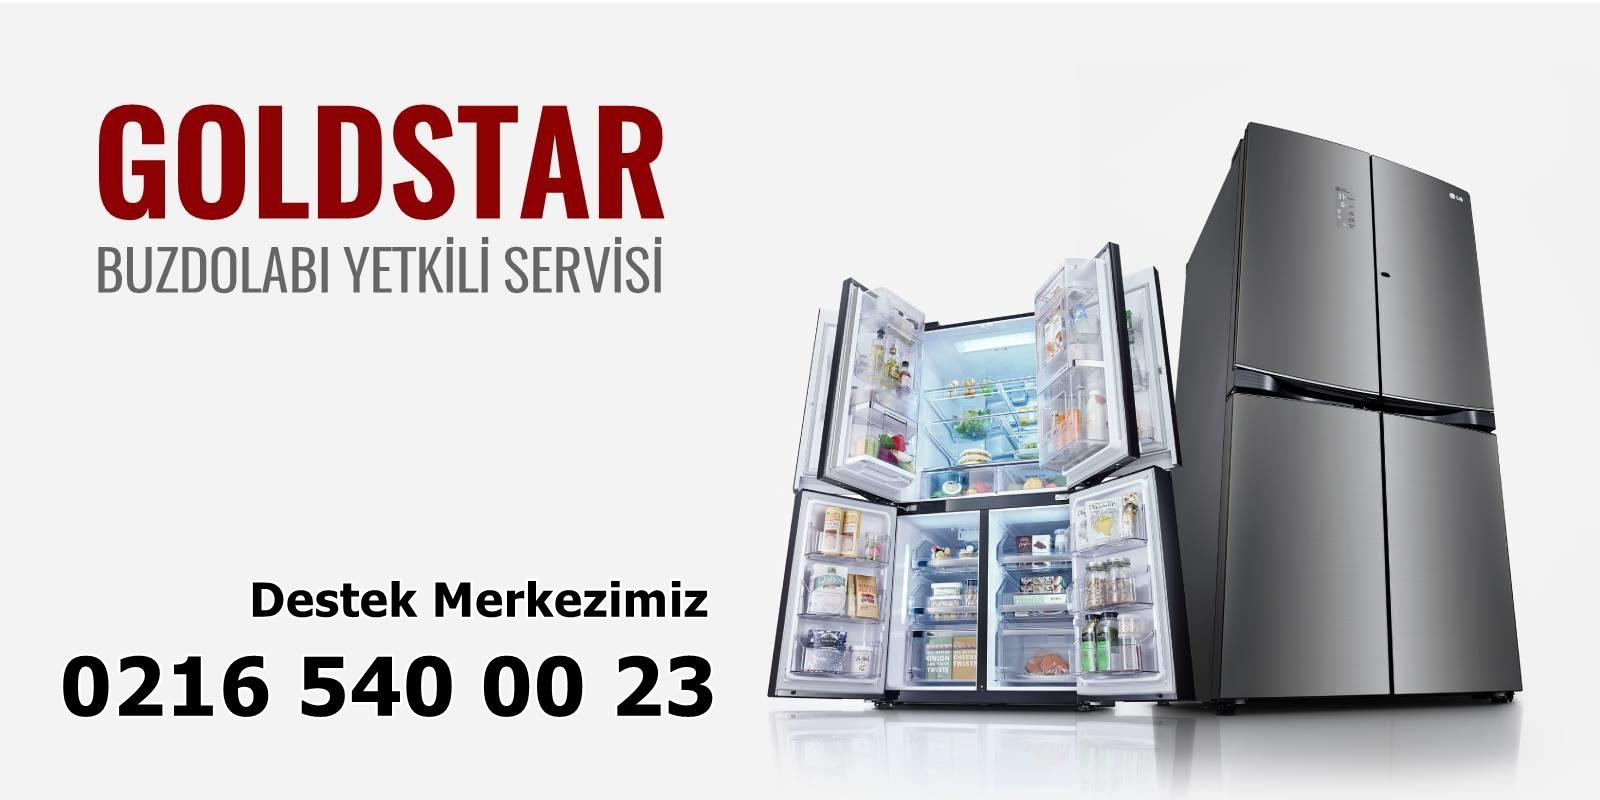 Kadıköy Goldstar Servisi